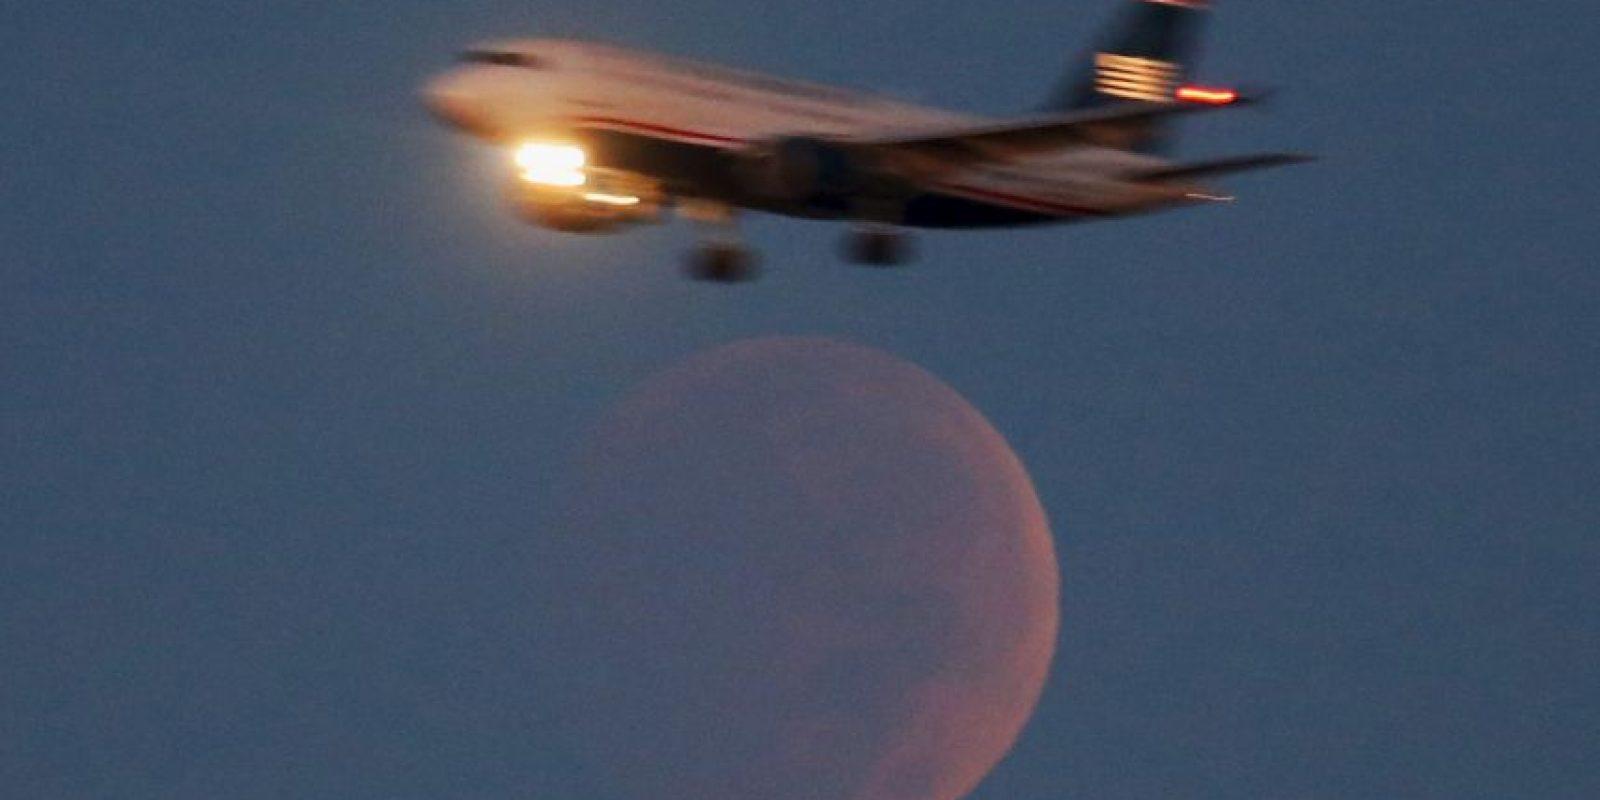 """Las tétradas lunares son cuatro eclipses de luna de forma consecutiva. Y lo impactante de estos fenómenos astronómicos es que durante los eclipses, el satélite de la tierra se tiñe de rojo, por lo que se les conoce como """"lunas de sangre"""". Foto:Getty Images"""